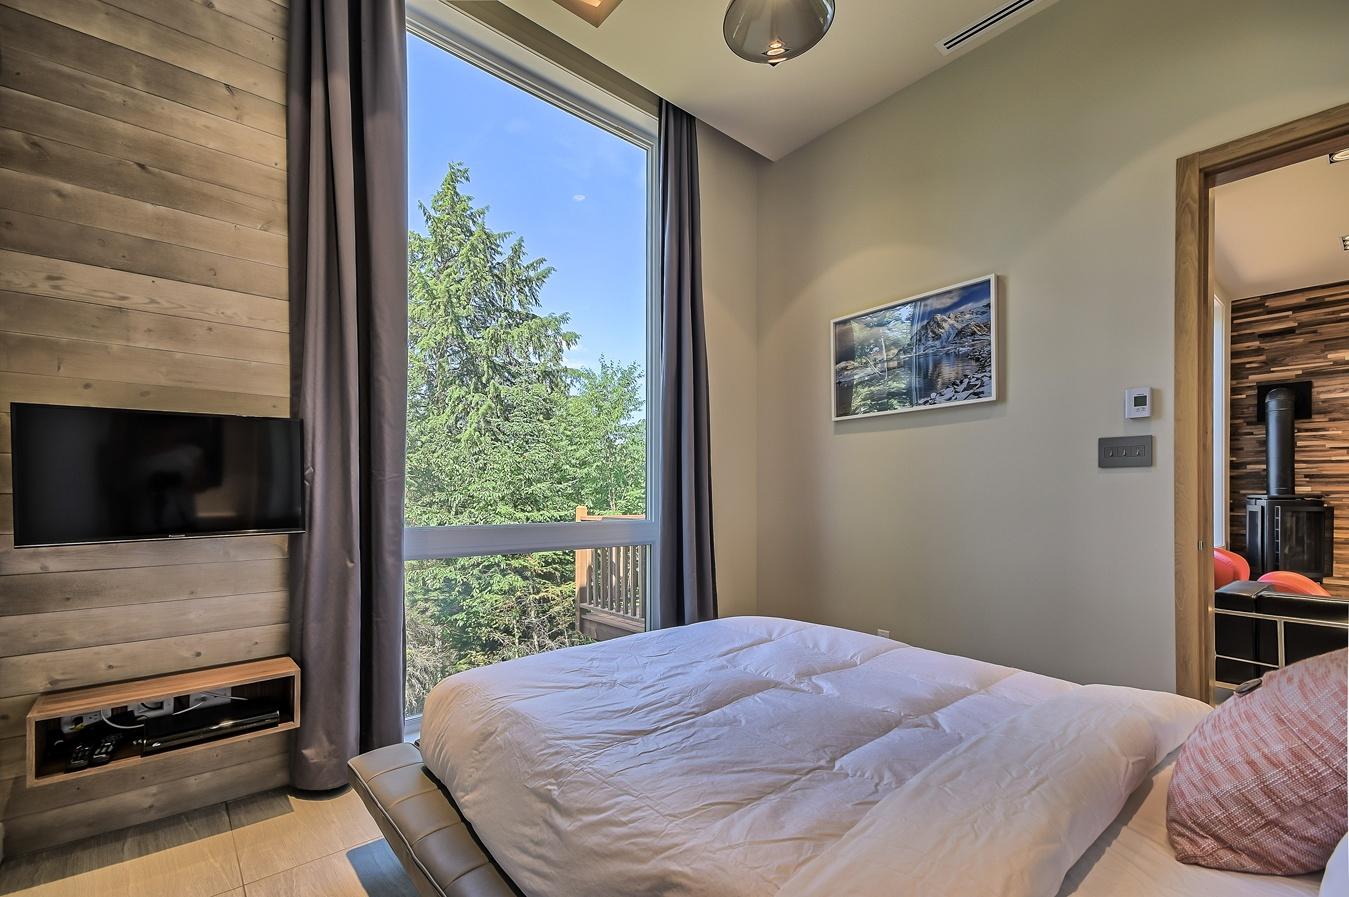 chalet rentals in Tremblant, 3 bedroom